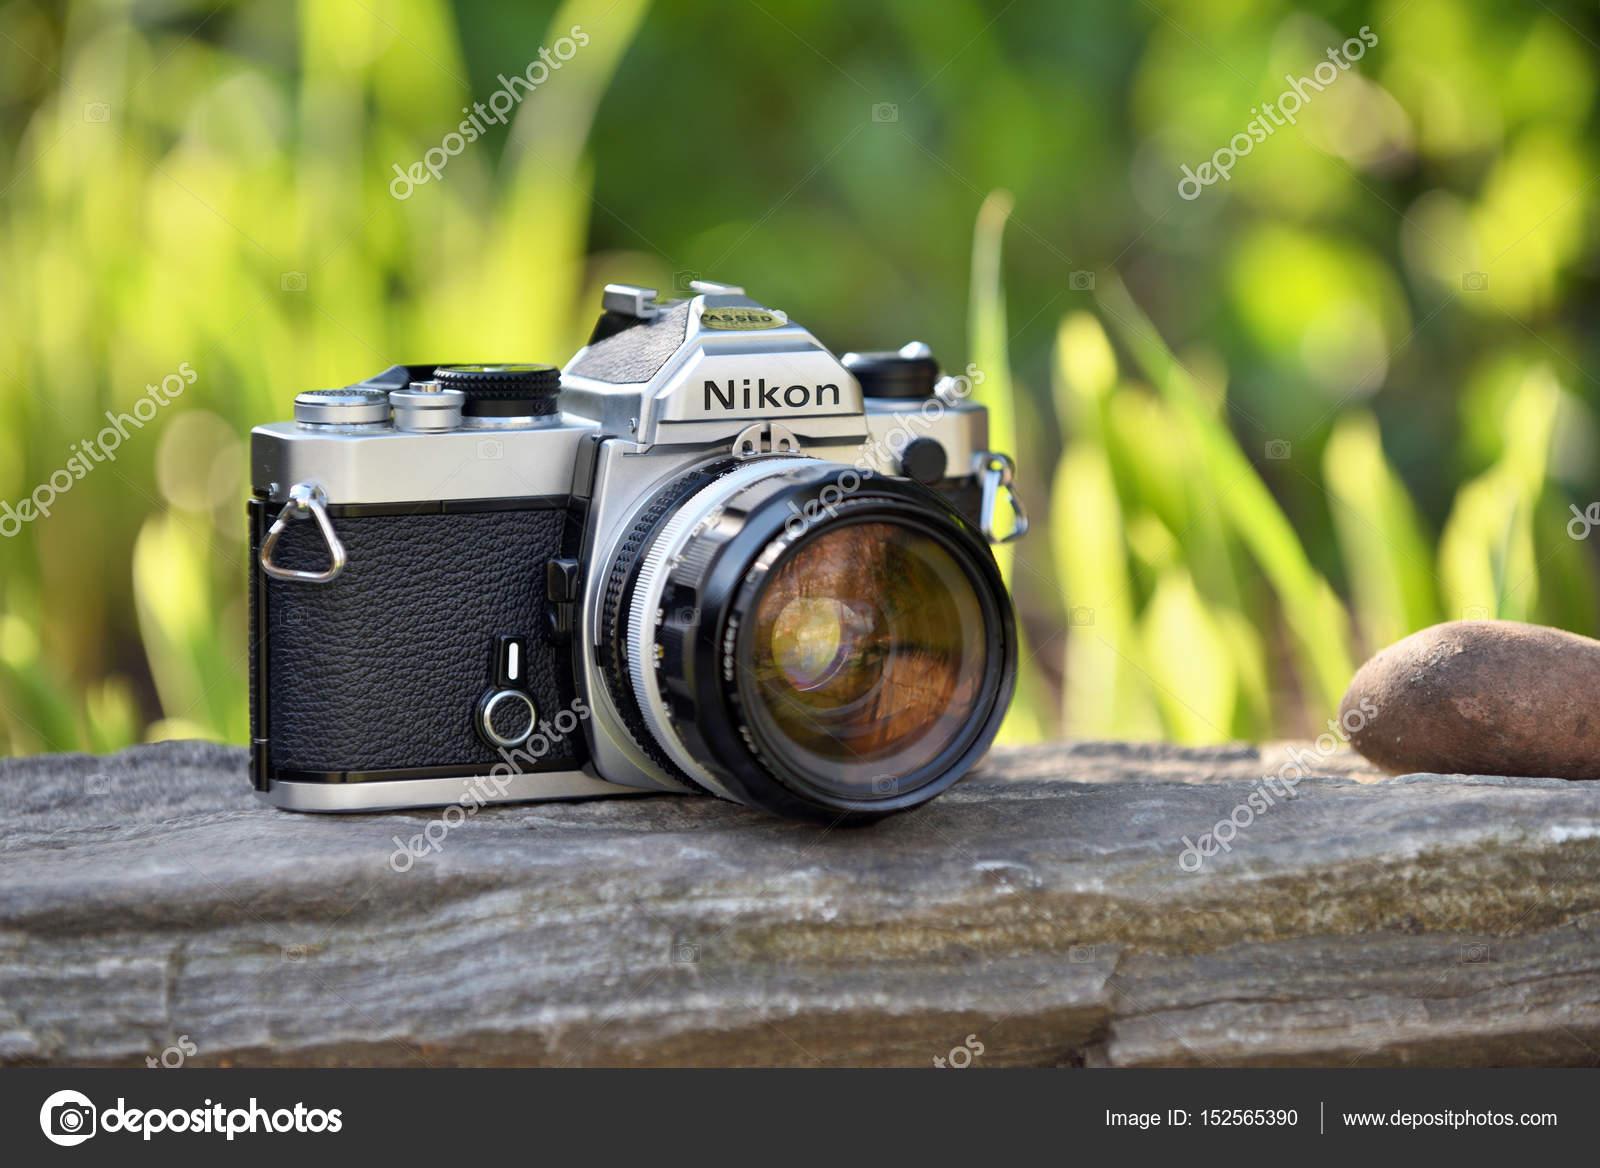 ニコン ビンテージ フィルム カメラ ストック編集用写真 fla 152565390